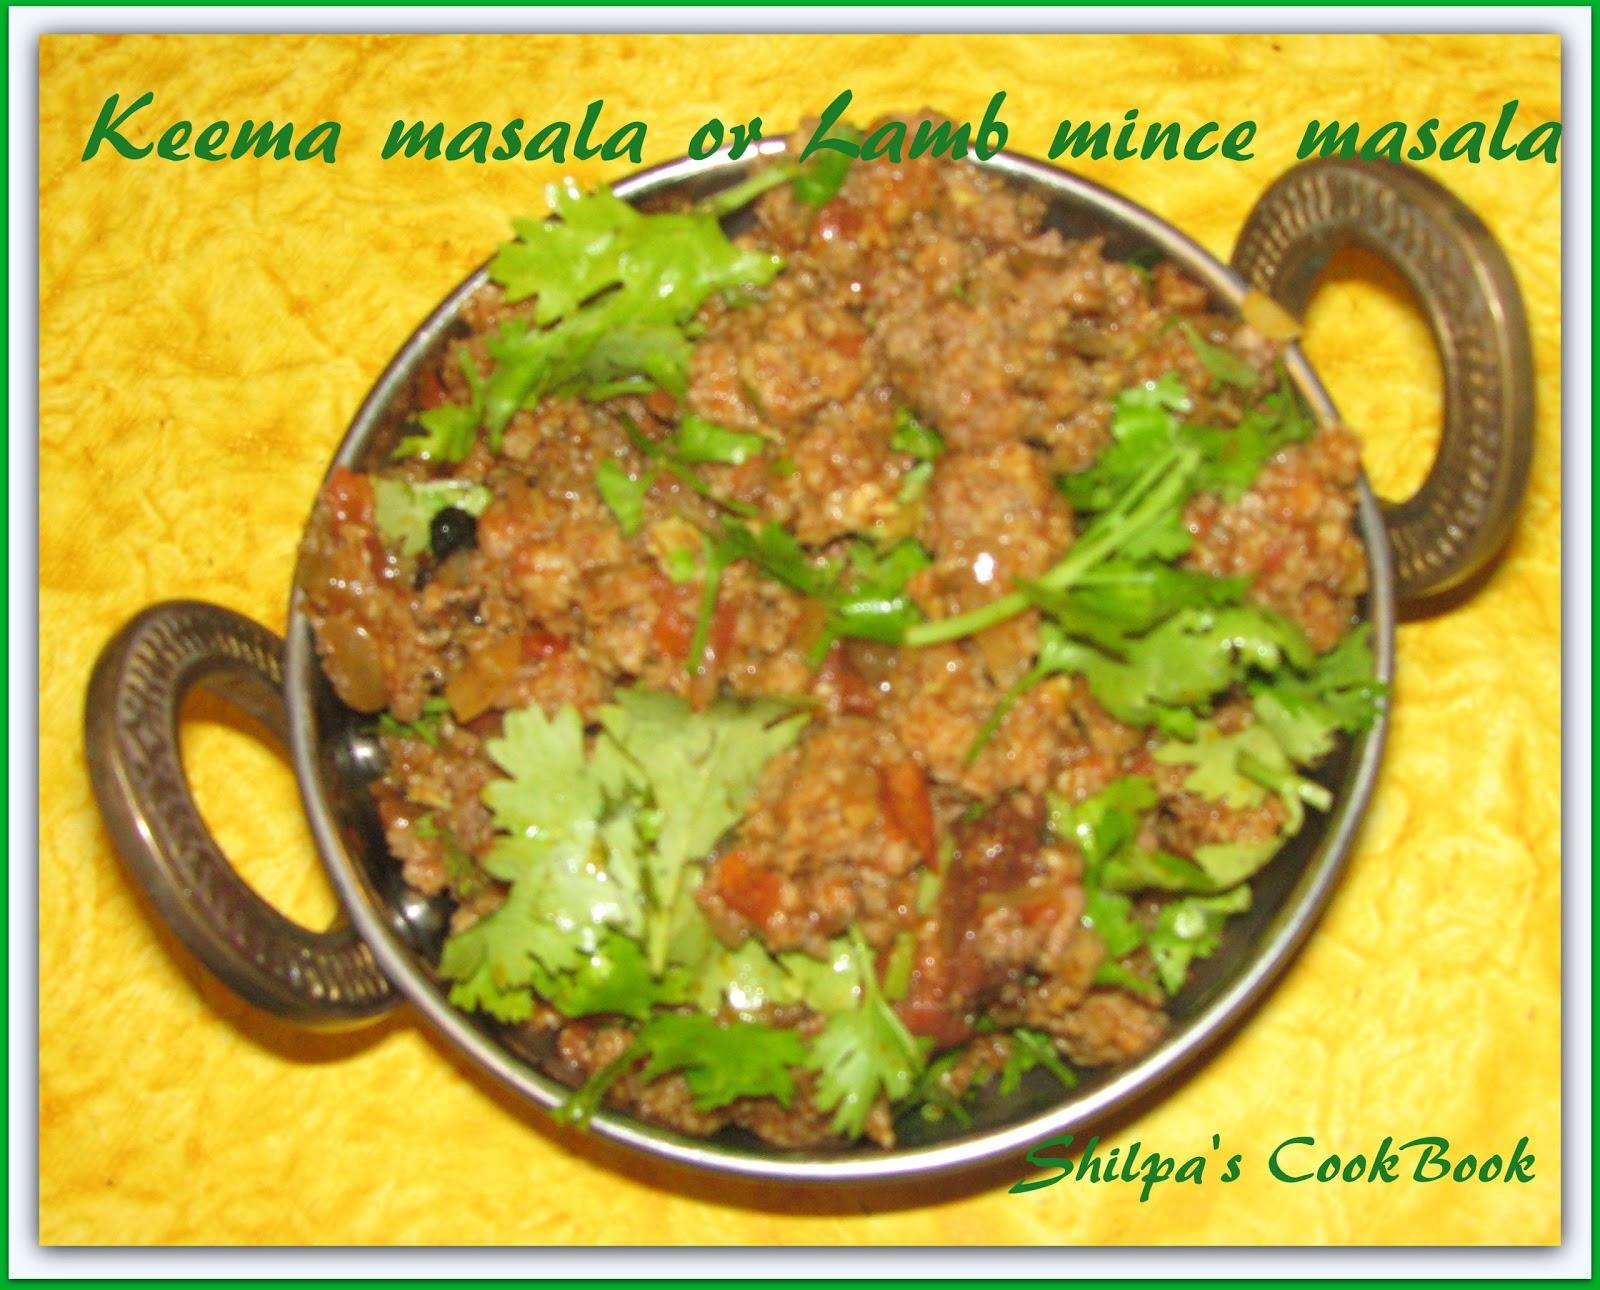 Cook Book: Keema Masala or Lamb mince masala